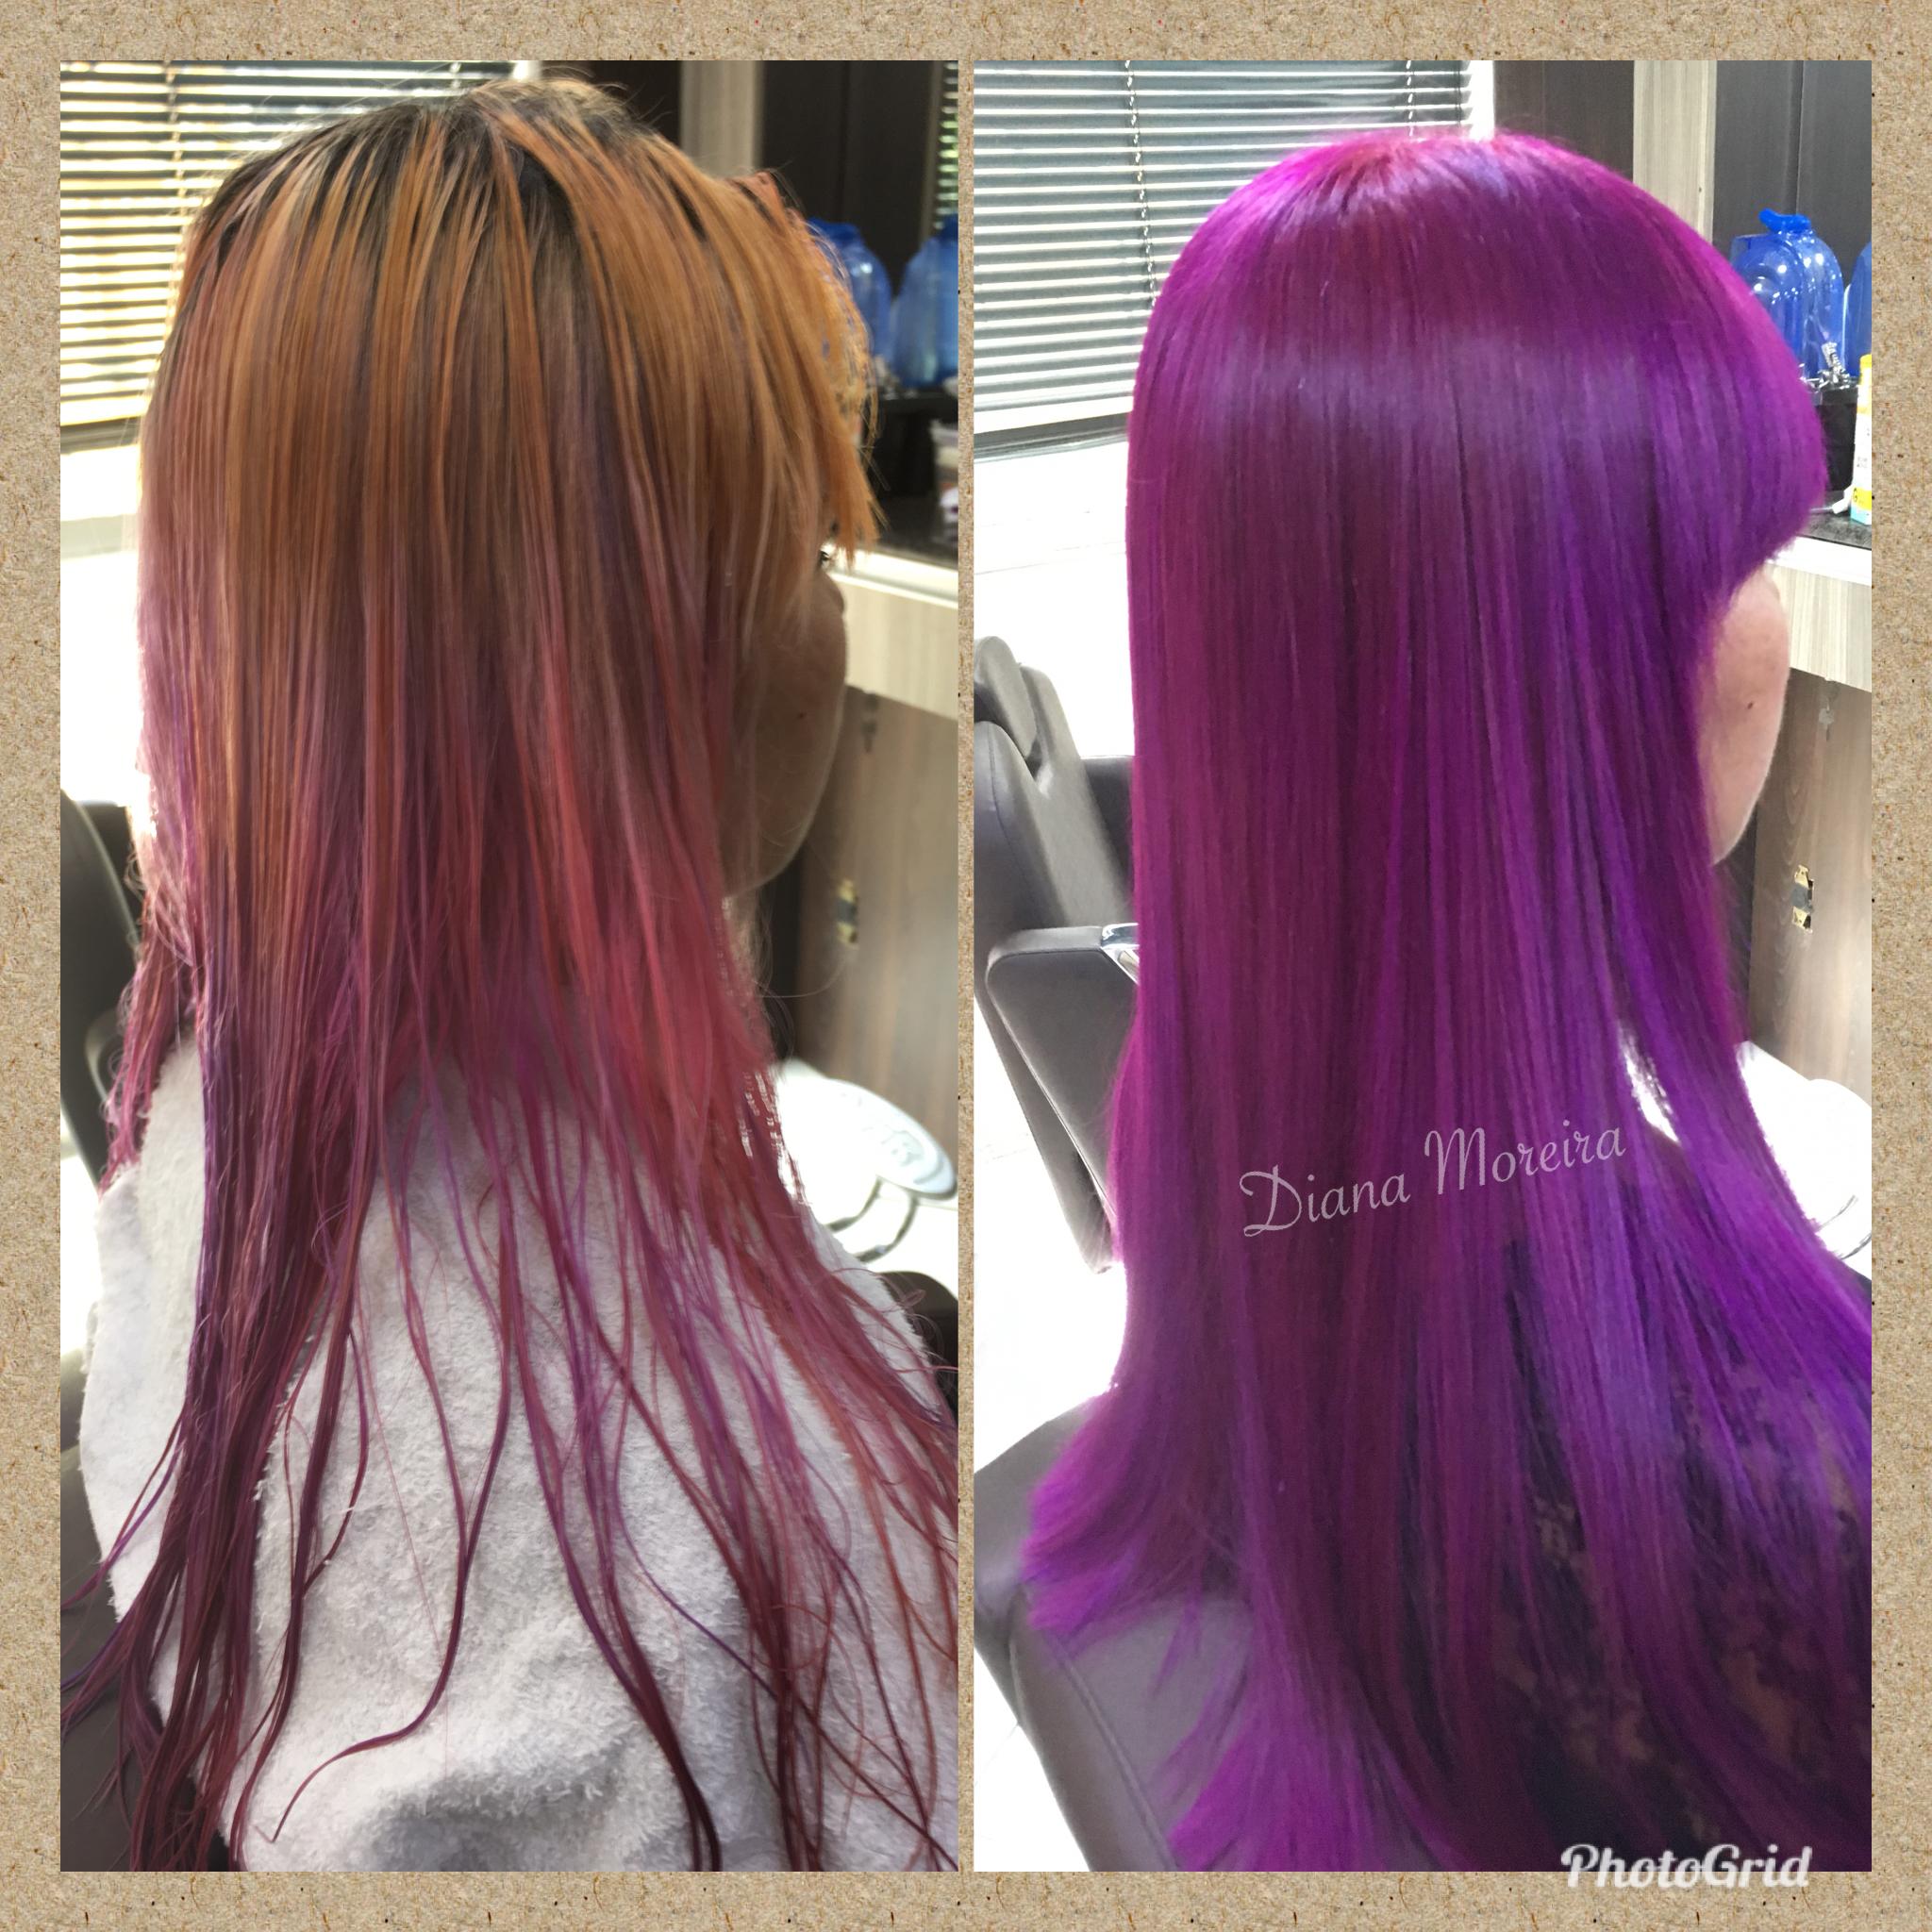 Cabelo retoque de cor cabelo designer de sobrancelhas micropigmentador(a) cabeleireiro(a)